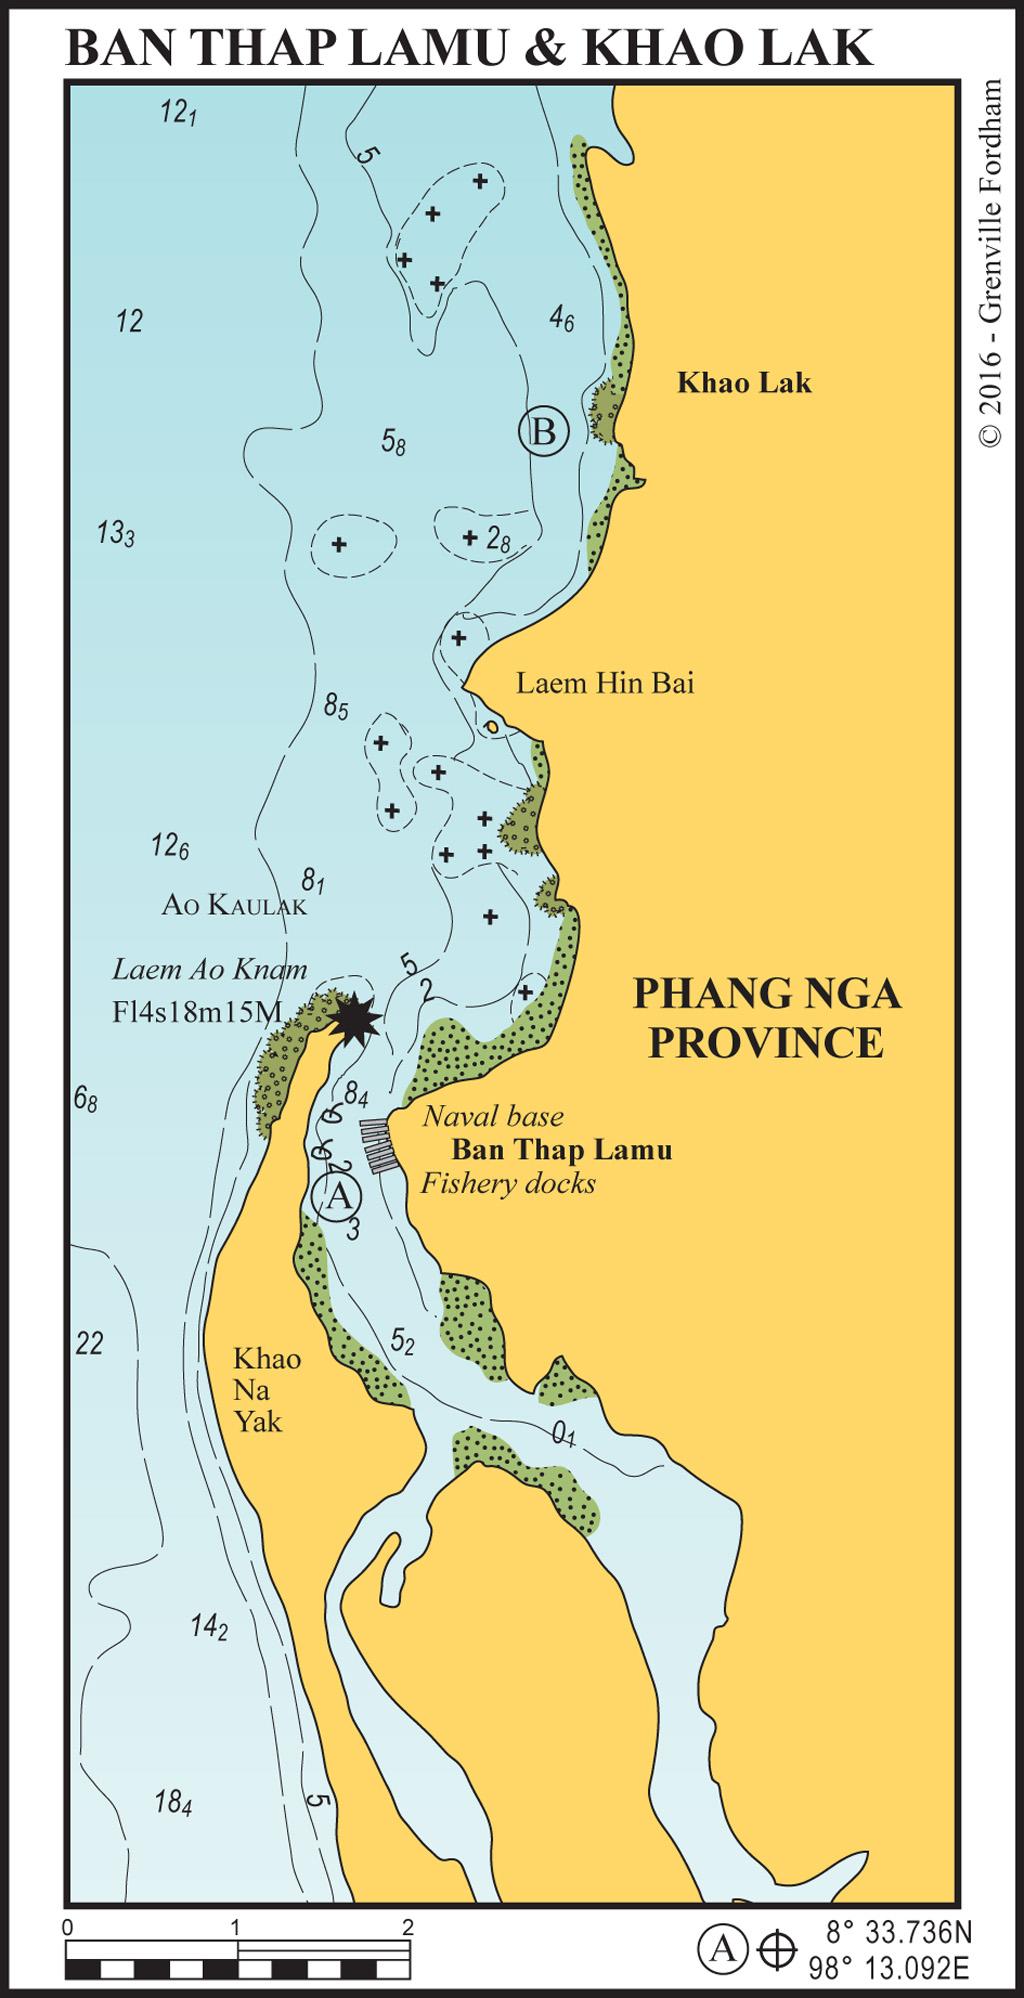 Thaplamu to Khao Lak